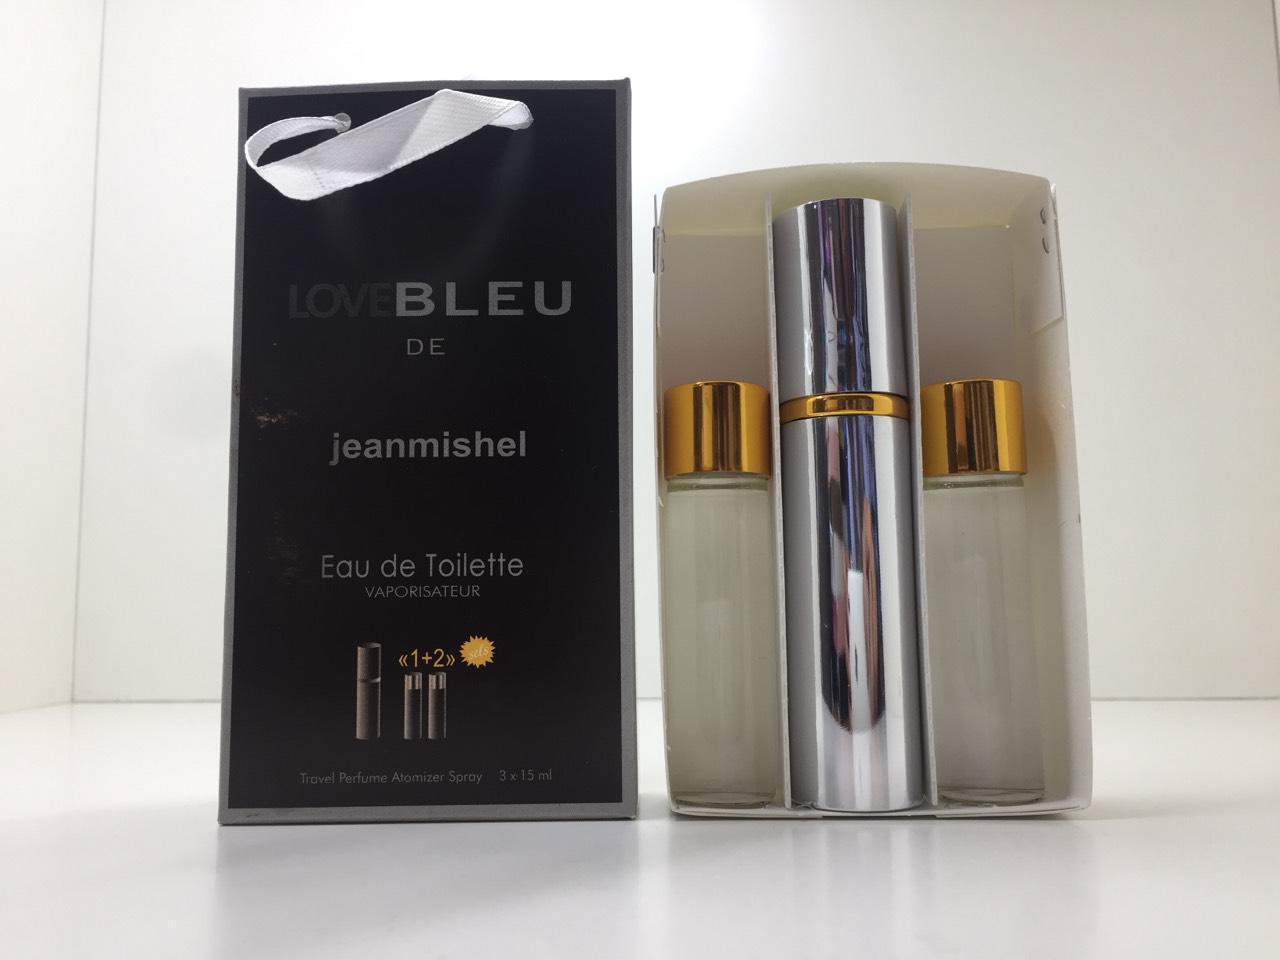 Подарочный набор духов Jeanmishel Bleu de (Жанмишель Блю Де) 3 по 15 мл